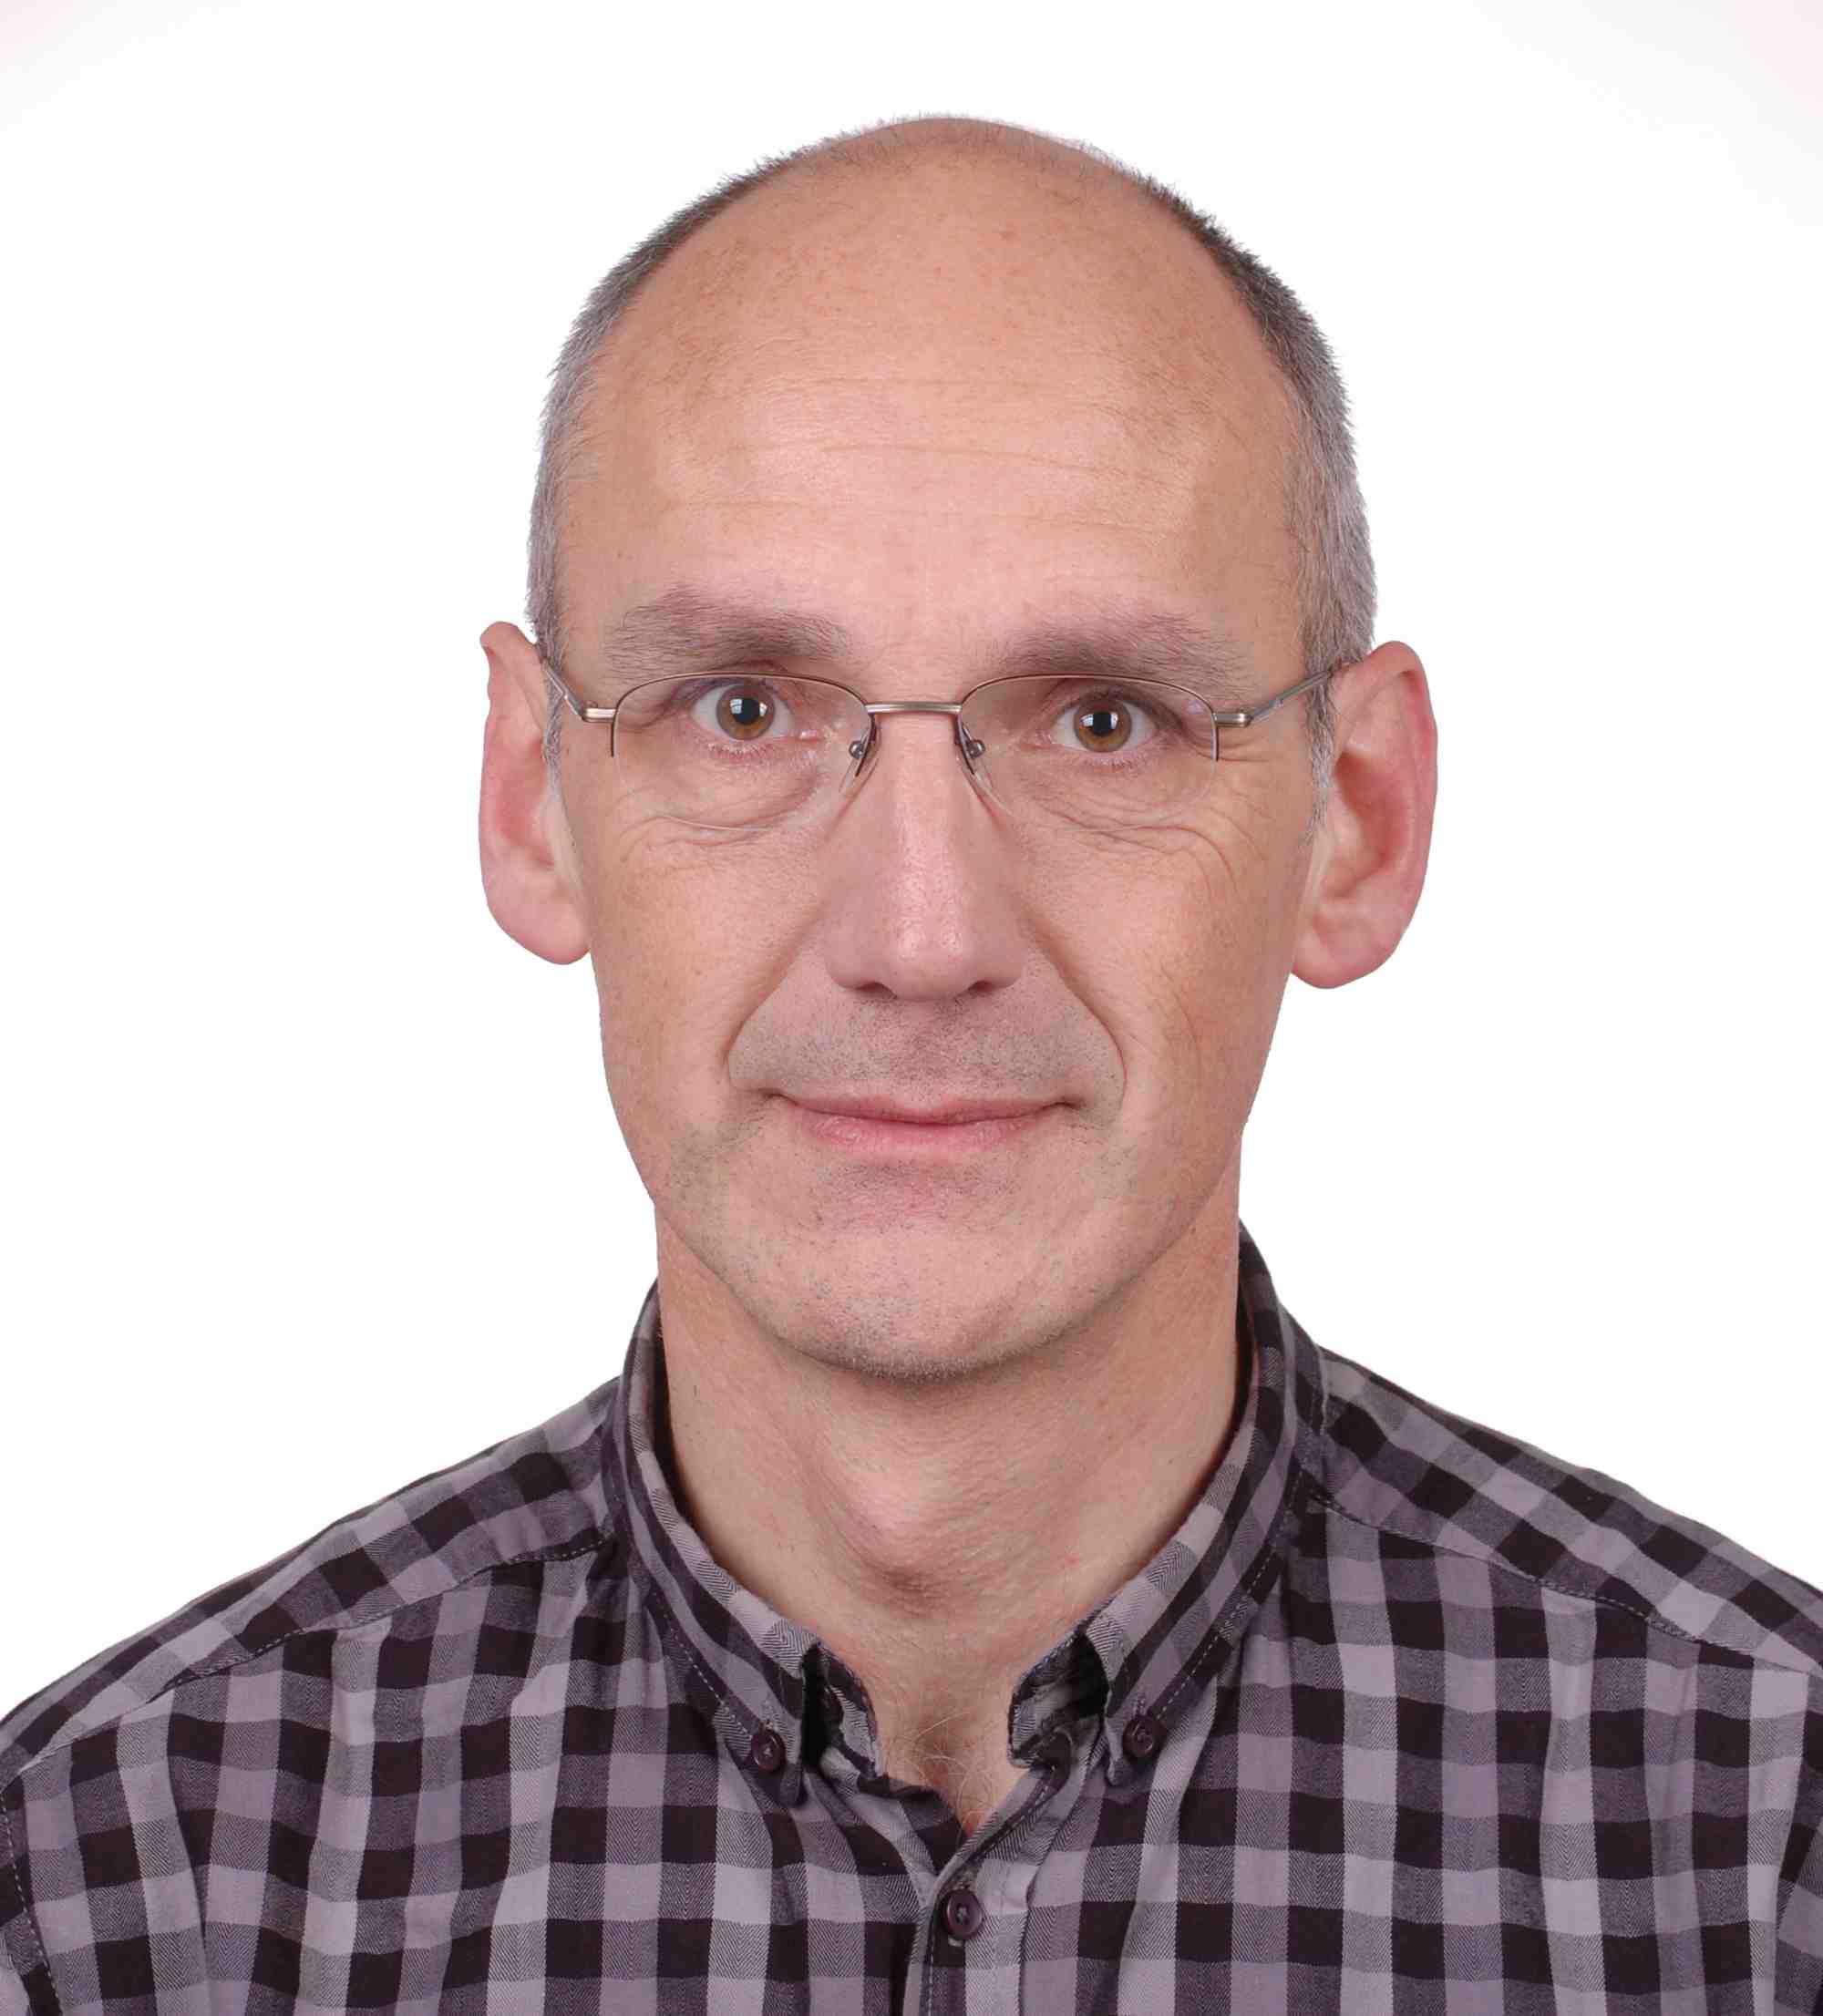 Dietrich Kuske